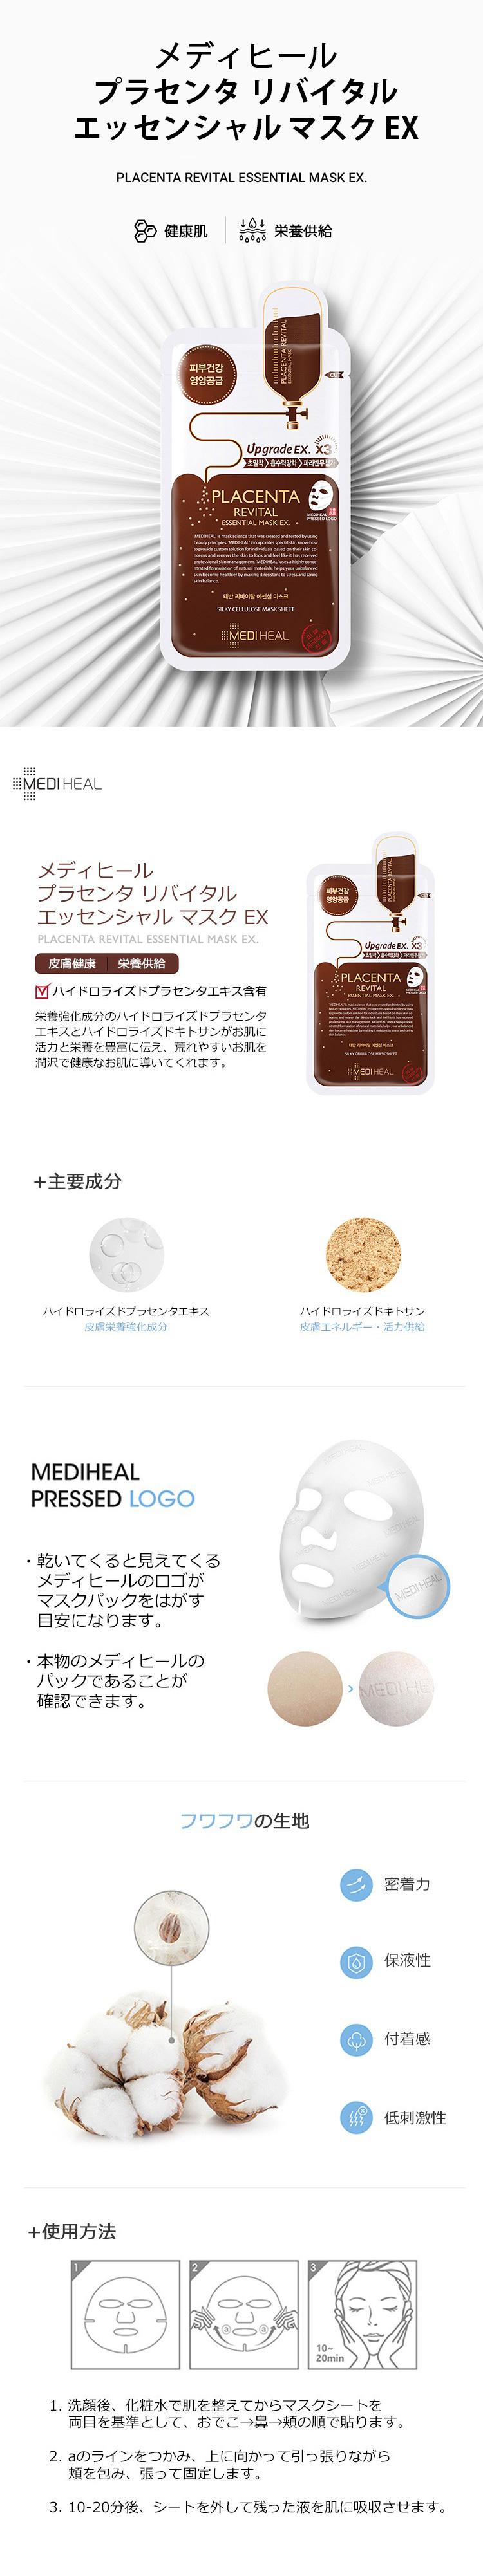 [MEDIHEAL]メディヒール プラセンタ リバイタル エッセンシャル マスク EX